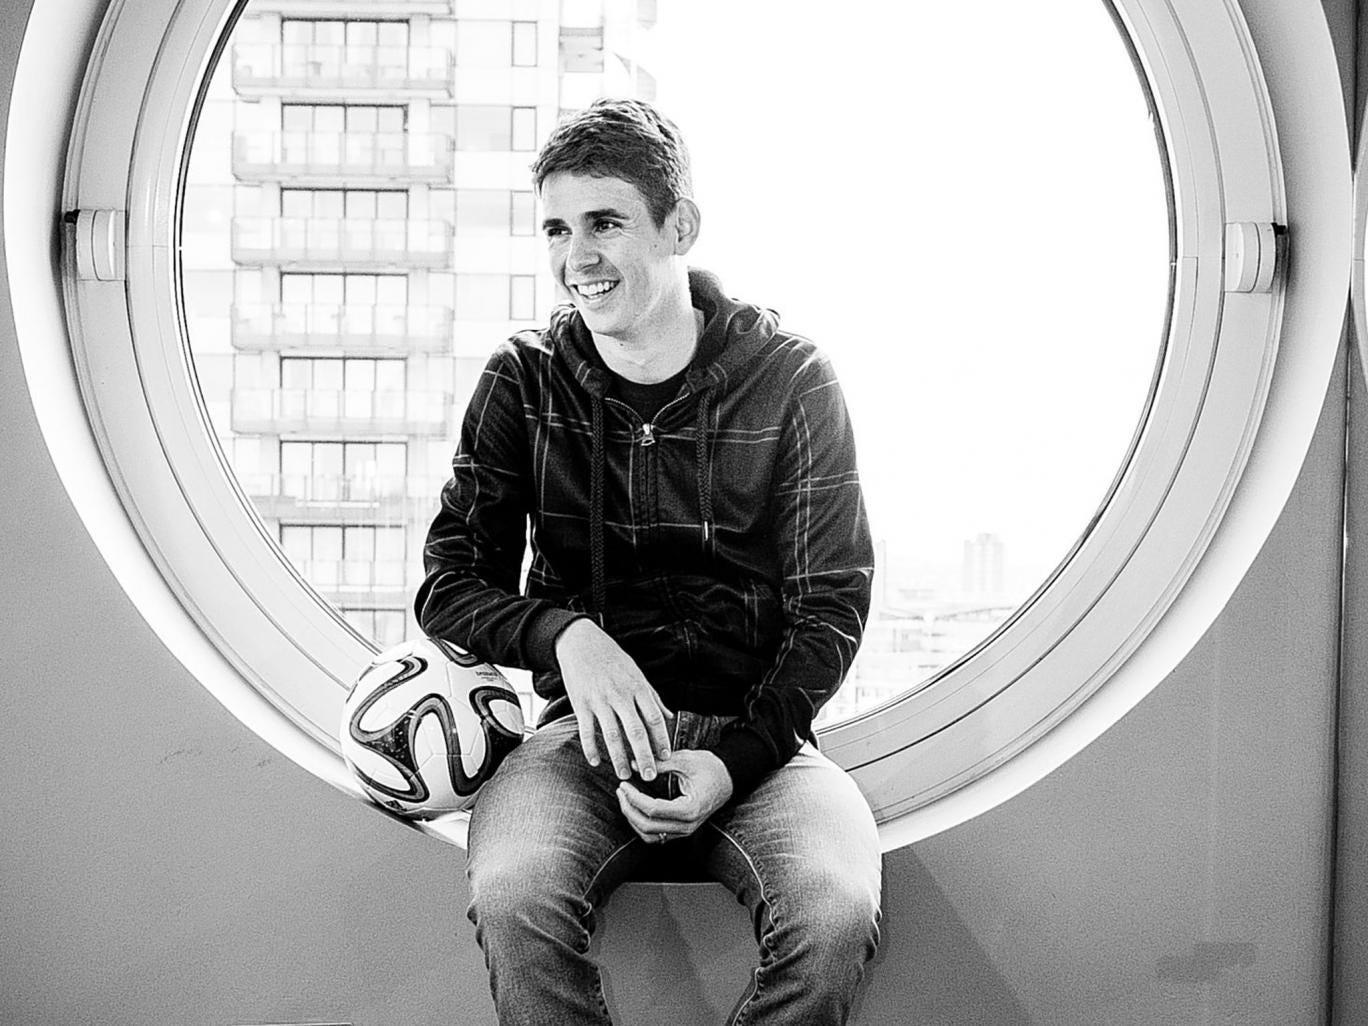 Chelsea and Brazil star Oscar